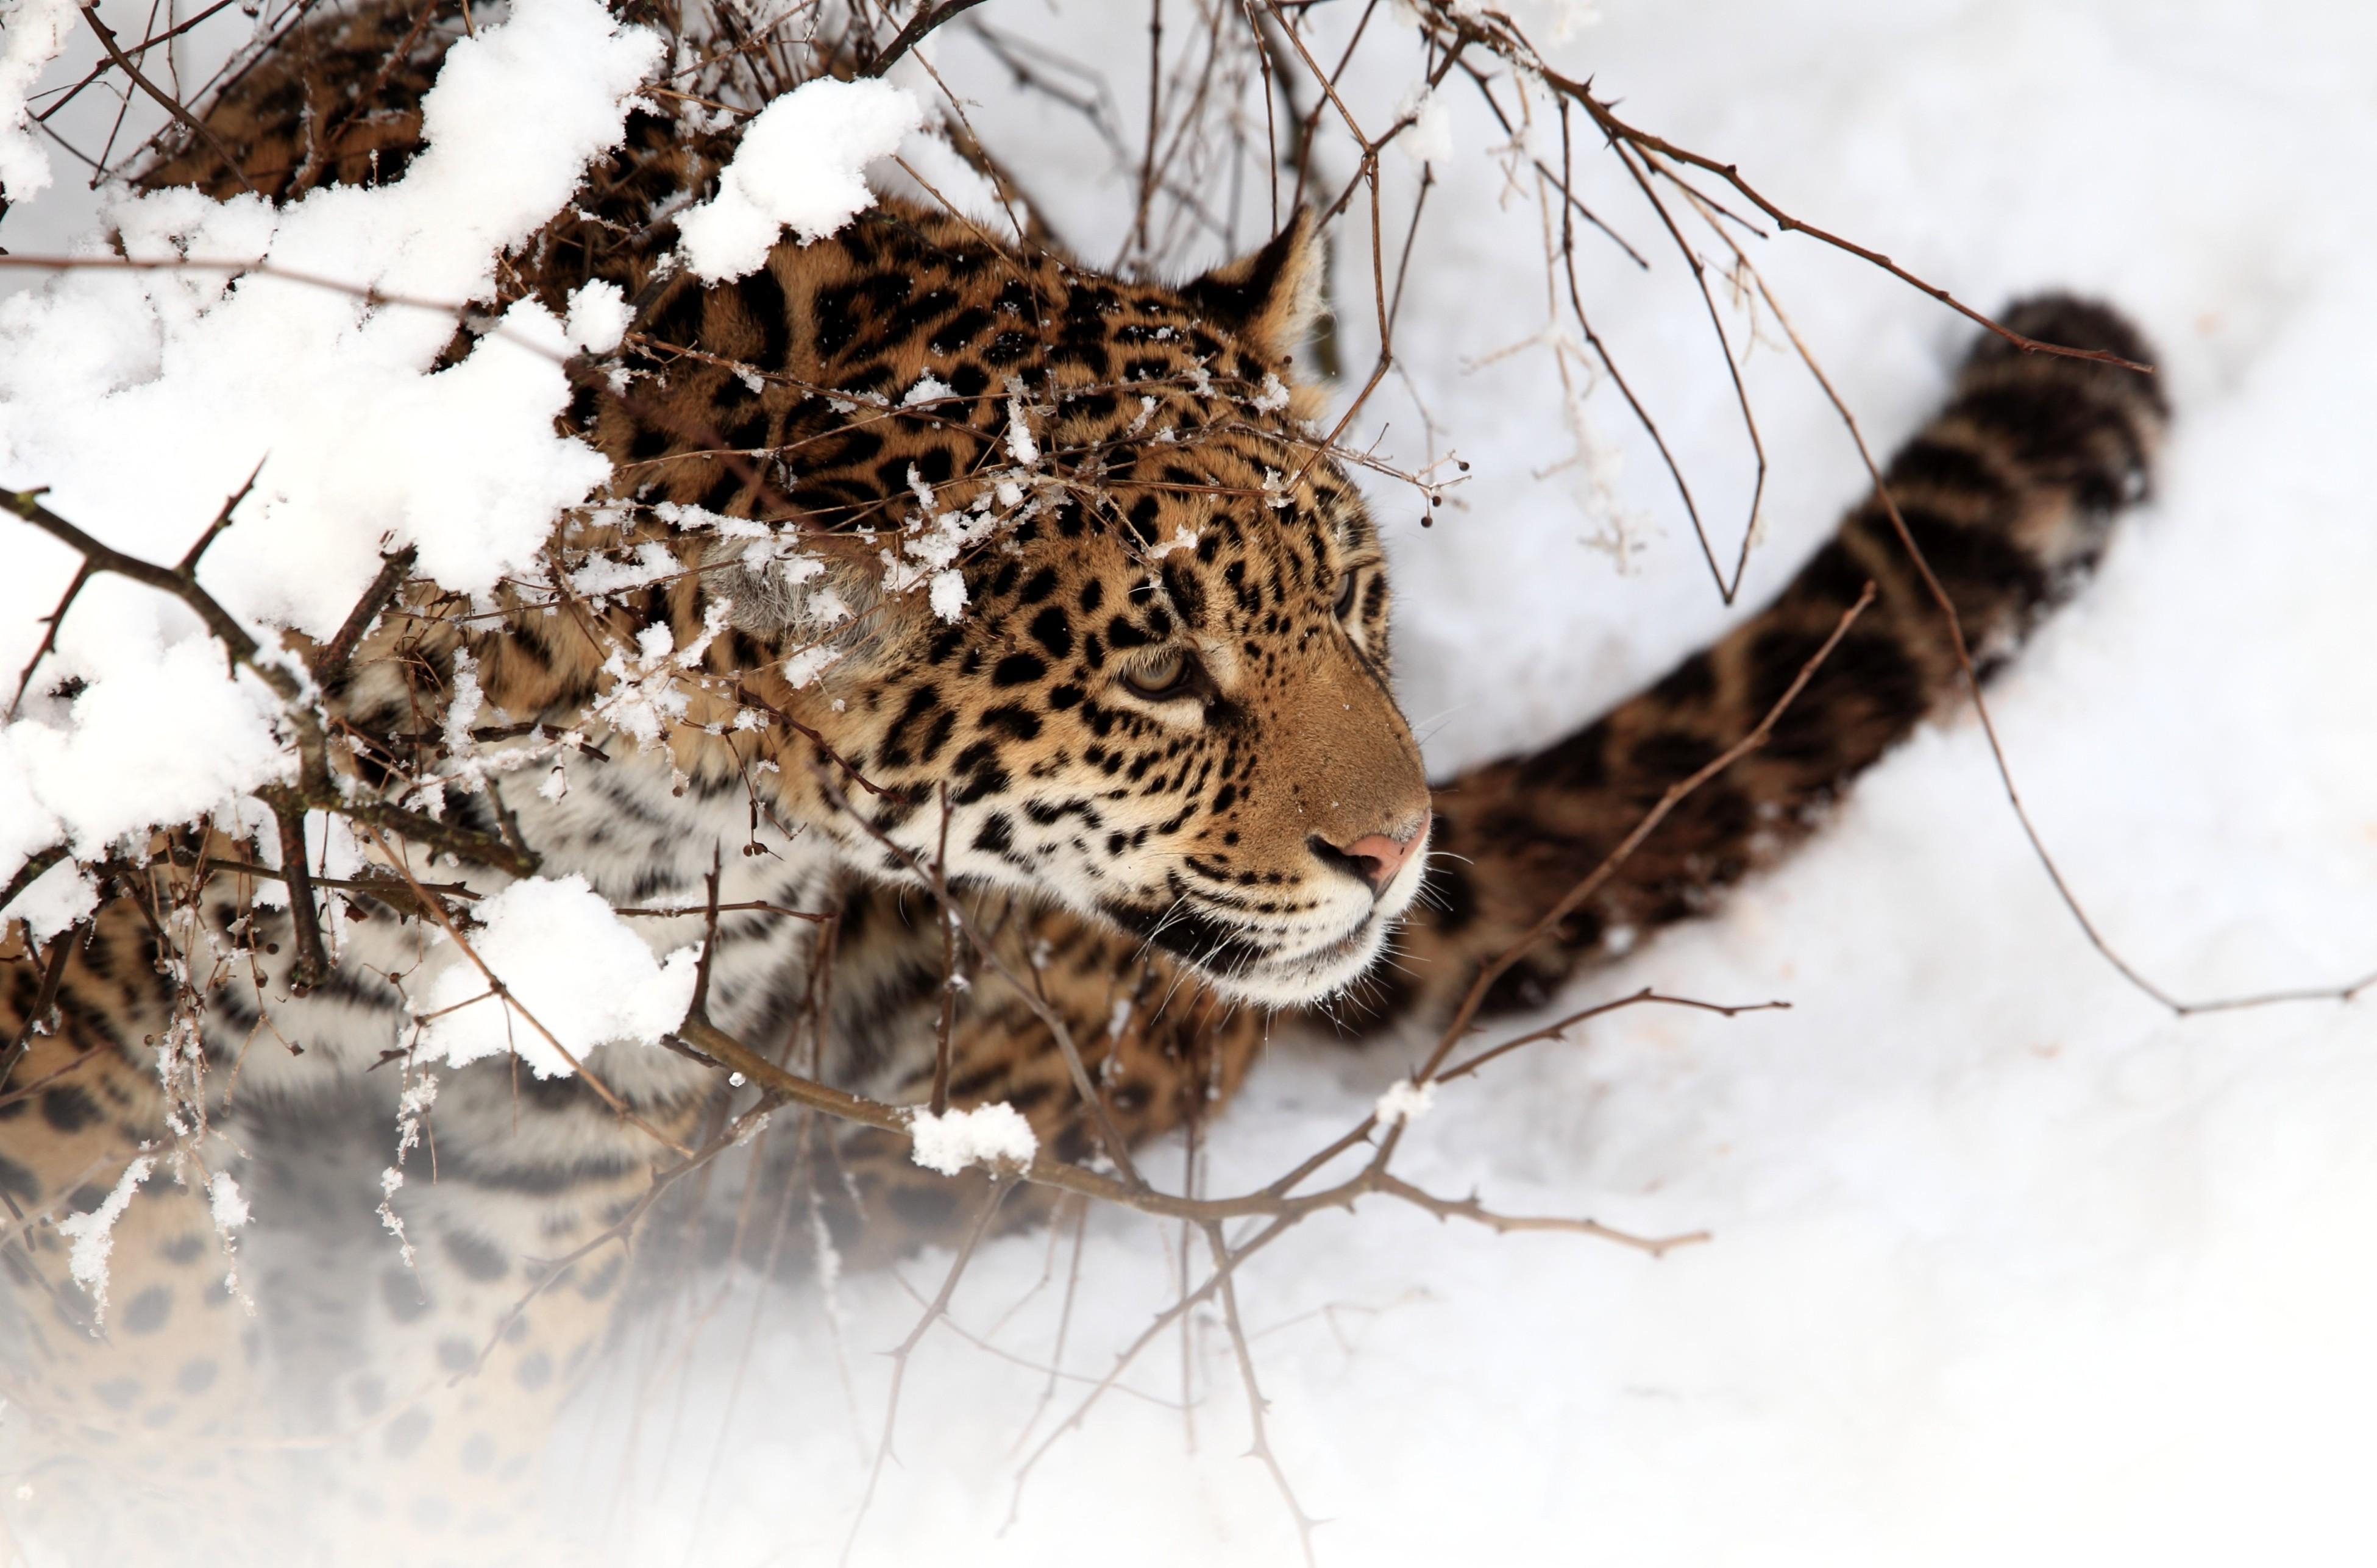 красивые картинки животных в снегу мисхорском